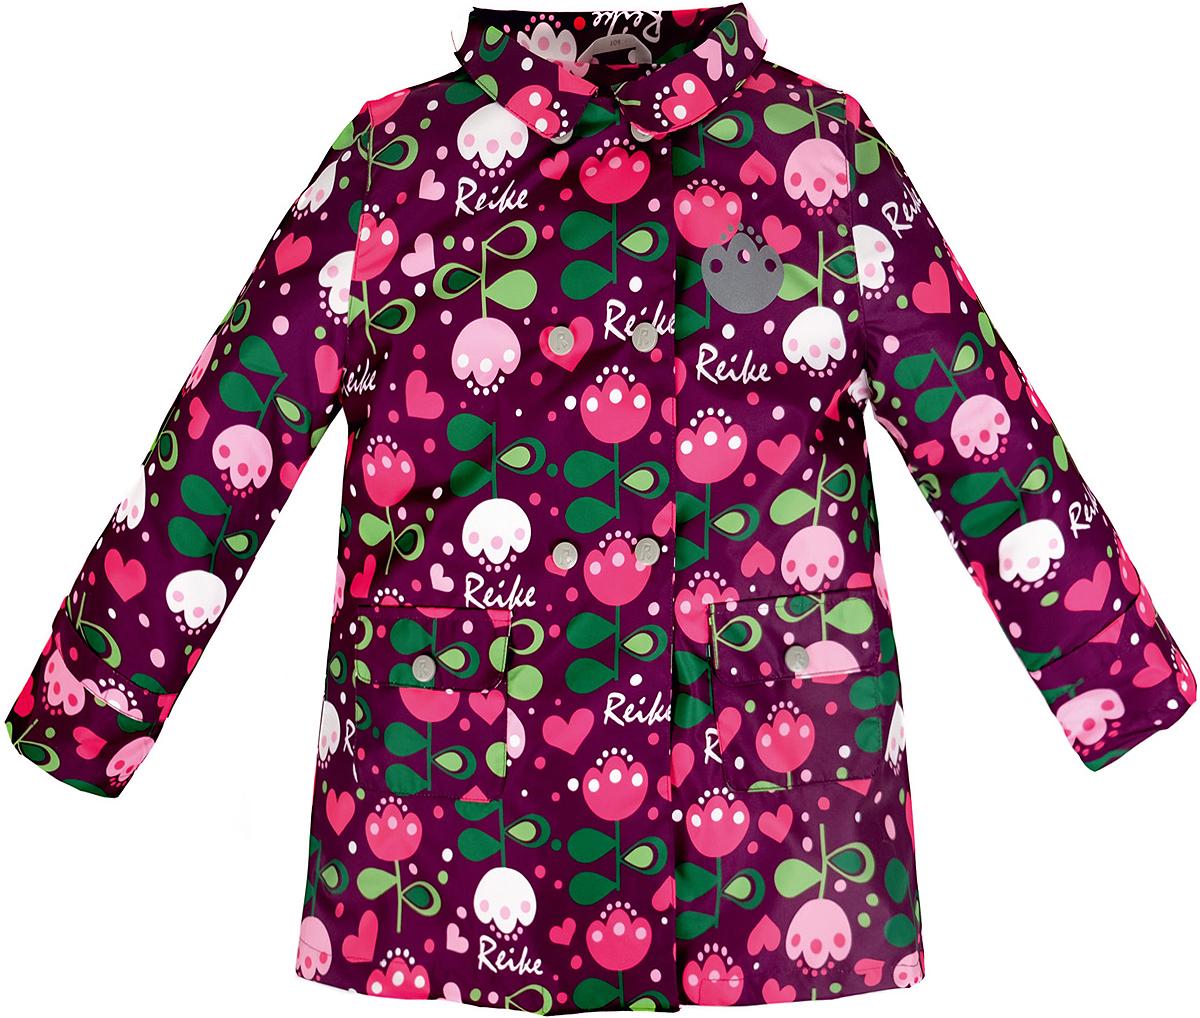 Куртка36 939 335_Tulip violetСтильная куртка для девочки Reike Тюльпан выполнена из ветрозащитного, водоотталкивающего и дышащего материала с подкладкой из микрофлиса, обеспечивающей дополнительный комфорт. Расклешенная модель в ретро-стиле выполнена с имитацией двубортной застежки на кнопках и дополнена двумя накладными карманами с клапанами. В виде интересного акцента выступают отложной воротник, ремешки на рукавах и складка на спинке. Изделие оснащено светоотражающим элементом и оформлено ярким цветочным принтом в стиле серии. Особенности изделия: - базовый уровень; - коэффициент воздухопроницаемости: 2000гр/м2/24 ч; - водоотталкивающее покрытие: 2000 мм.